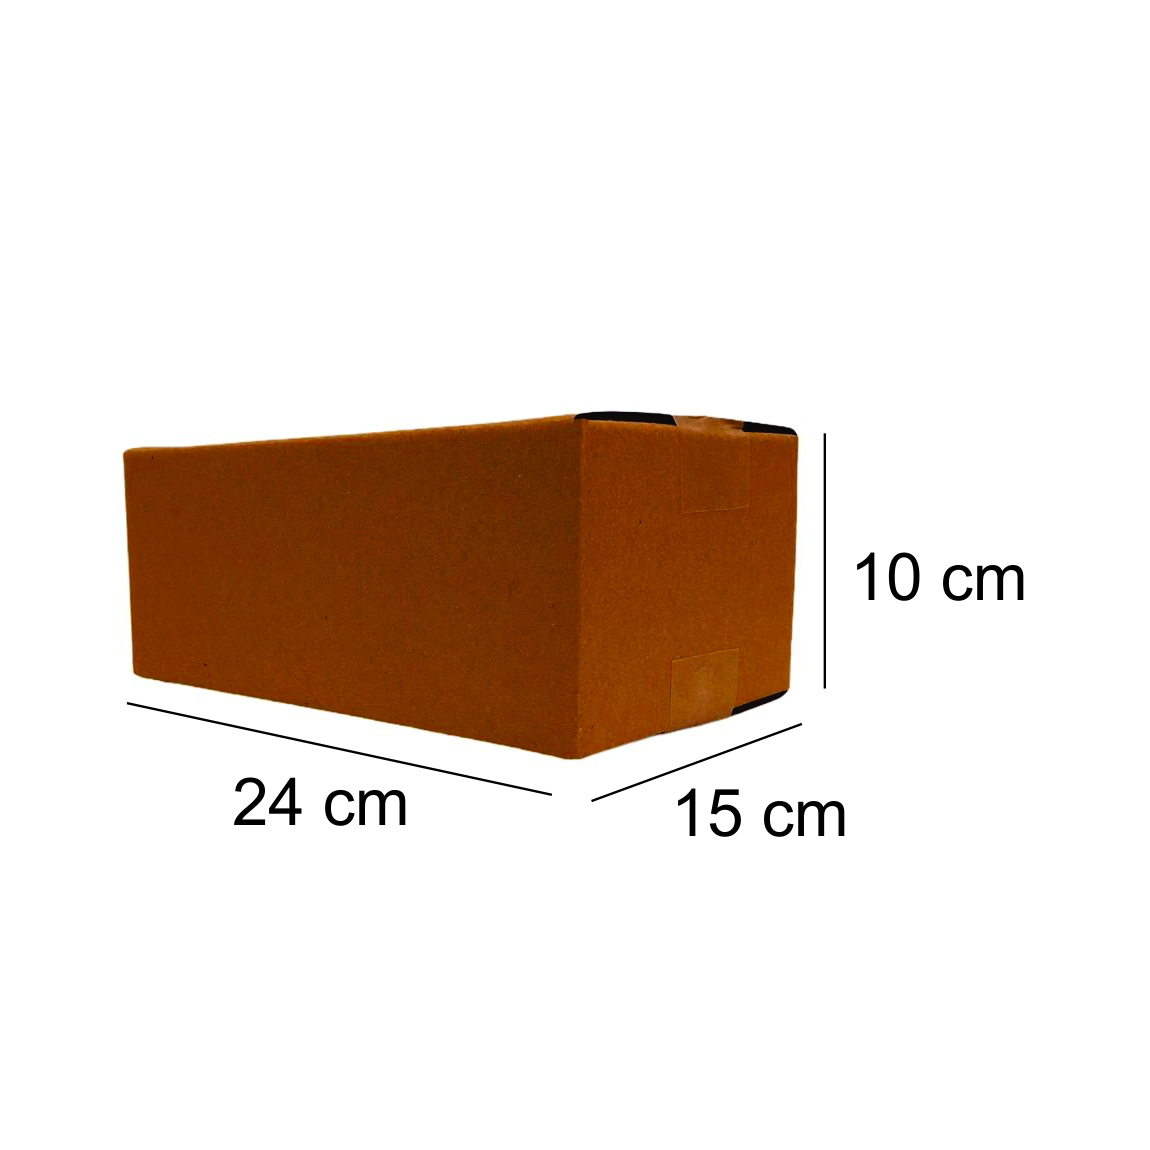 300 Caixas de Papelao (24X15X10)cm - Sedex / Pac / Correios